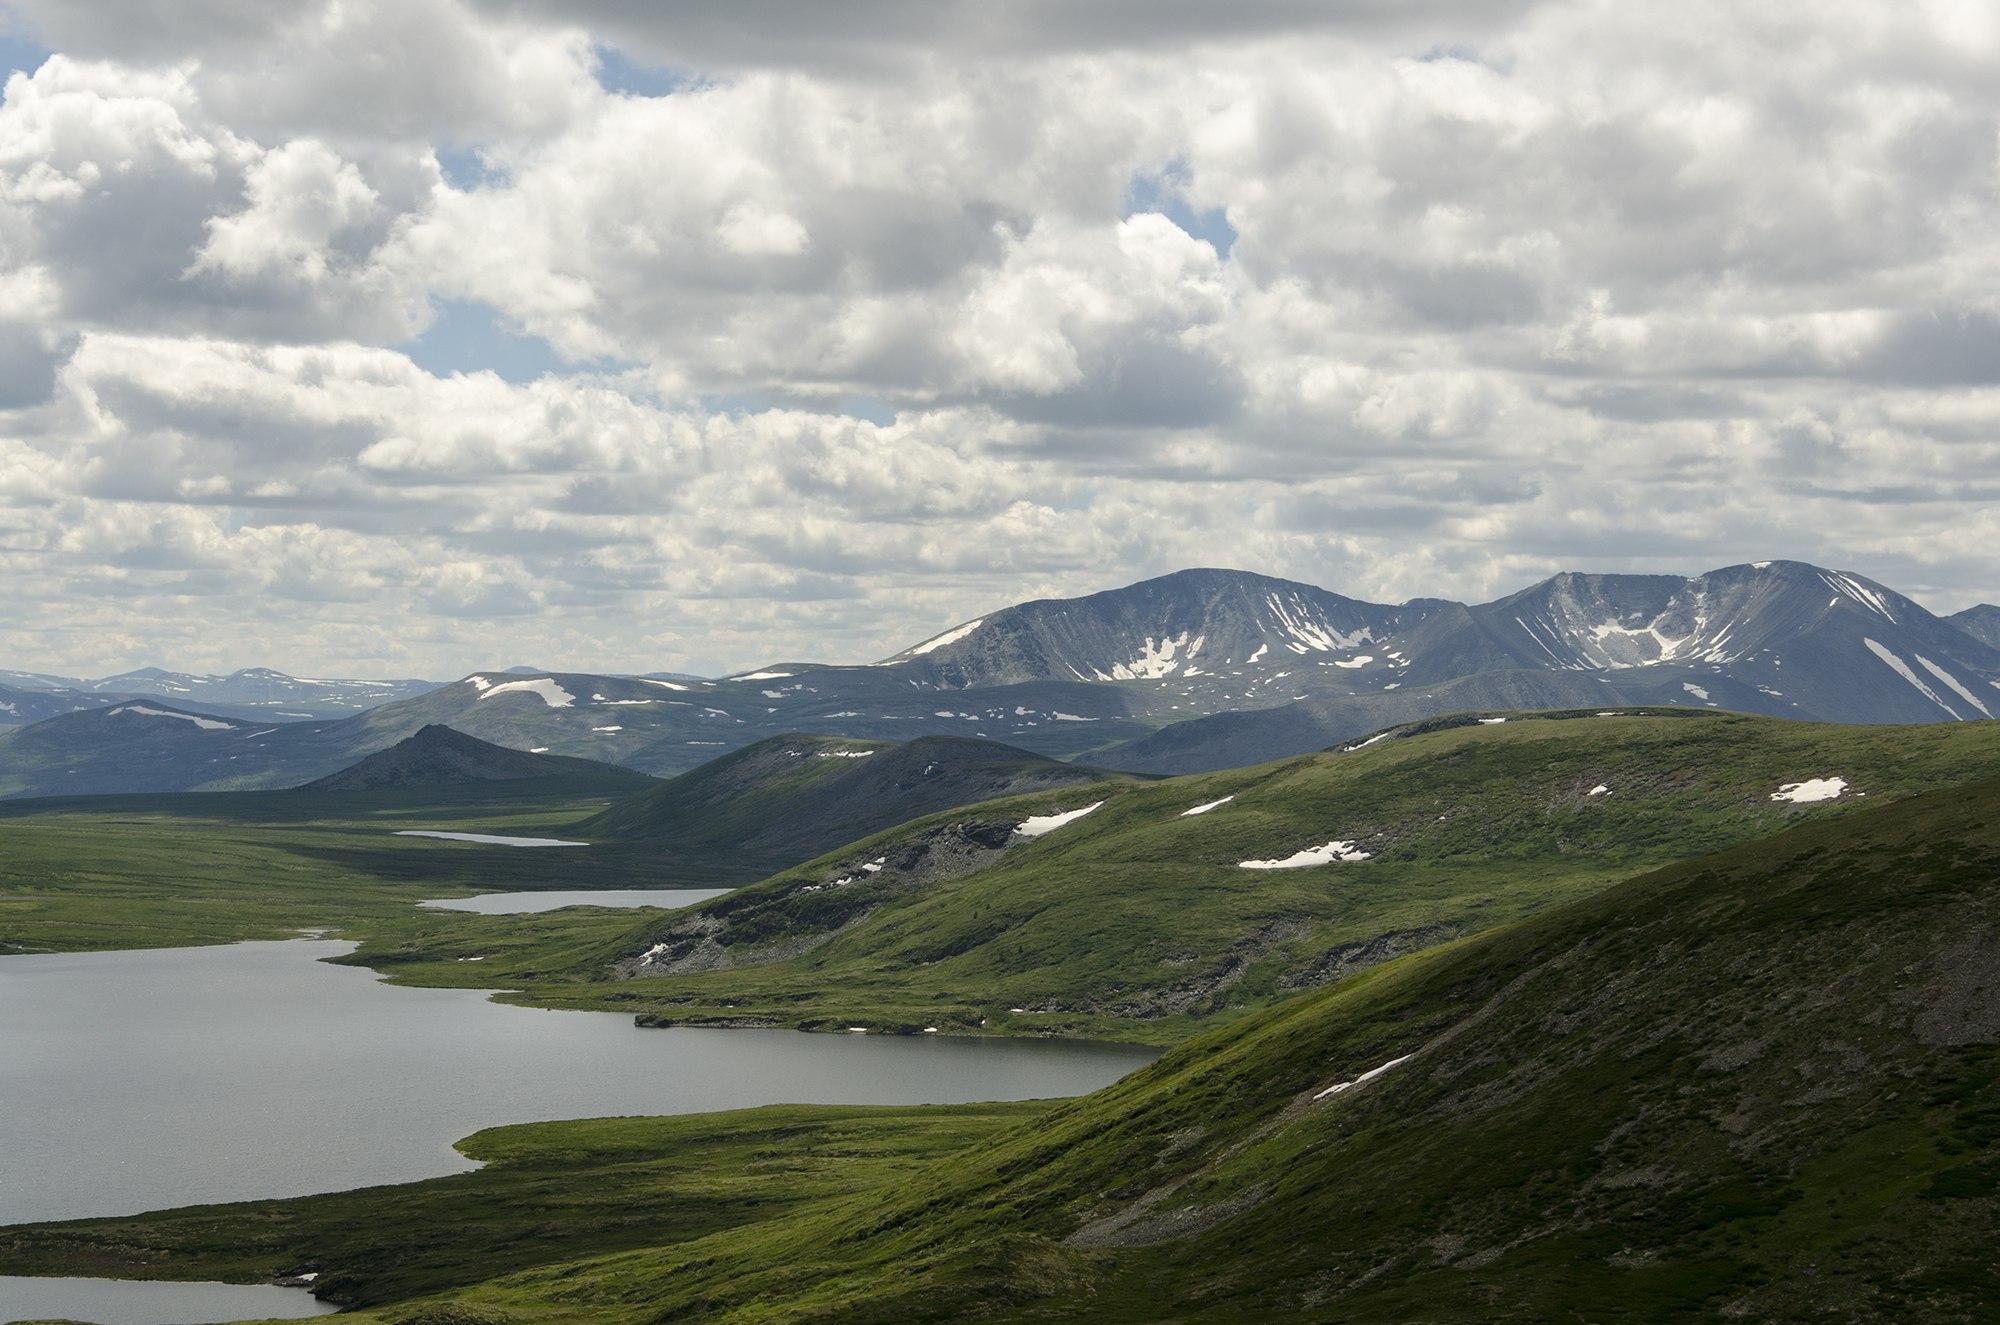 Долина озера Улуг-Холь. Автор: Данил Барашков